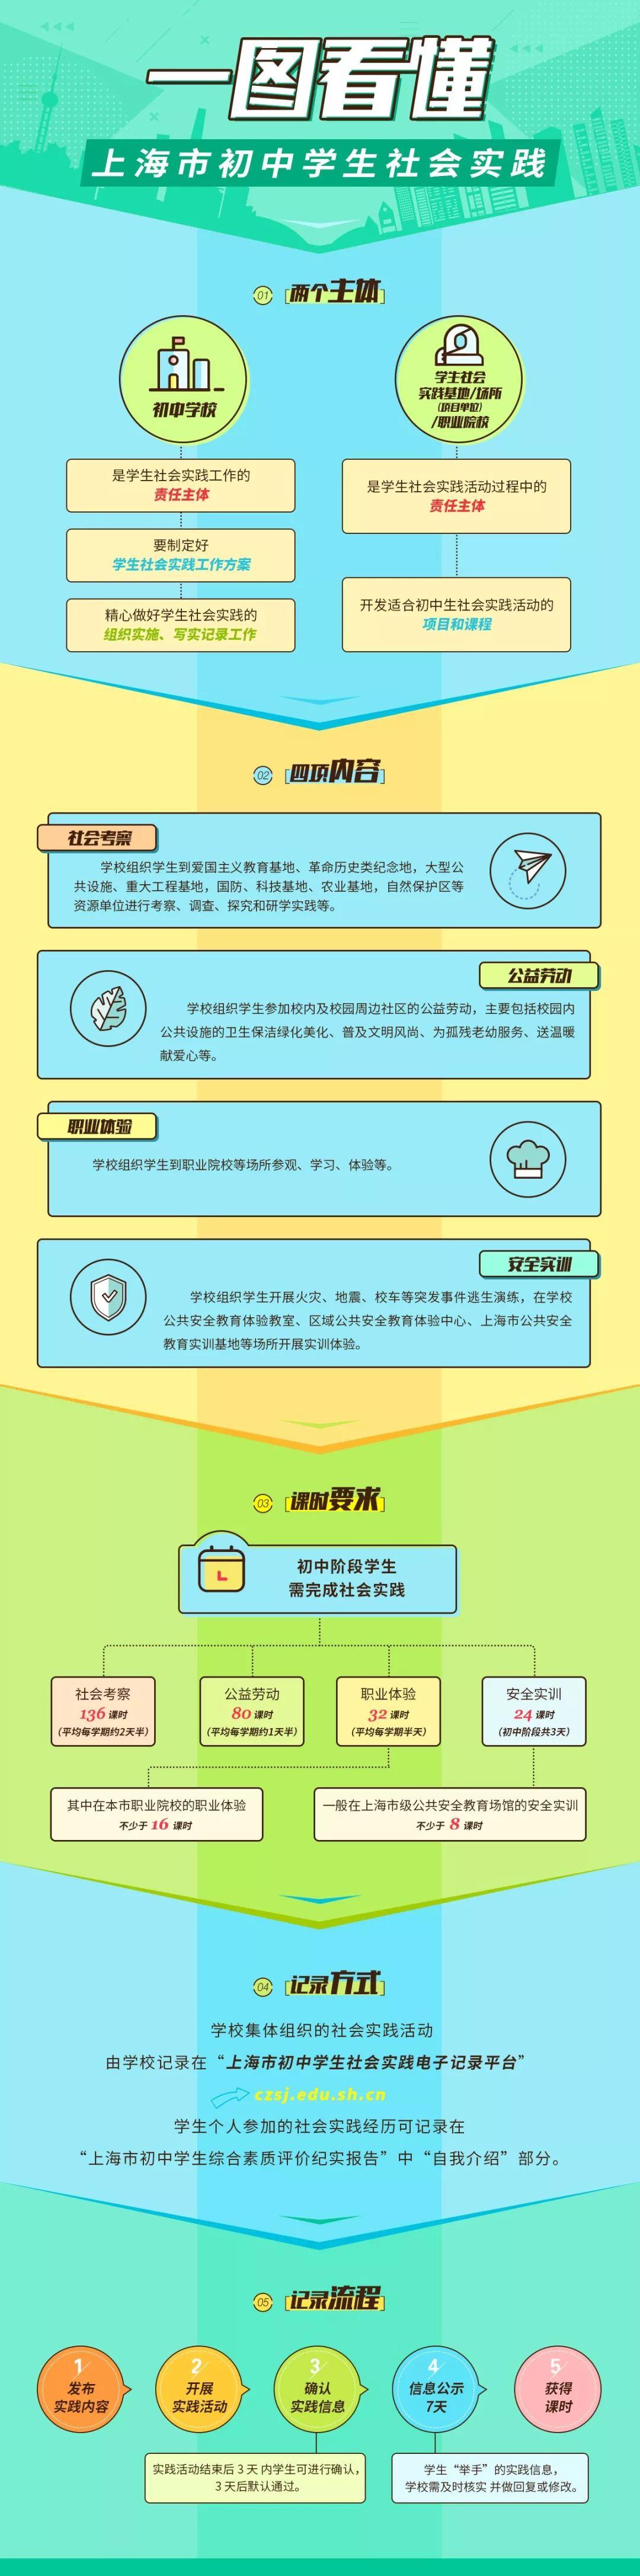 注意!沪初中学生社会实践管理办法9月1日起施行!来看图解与答疑